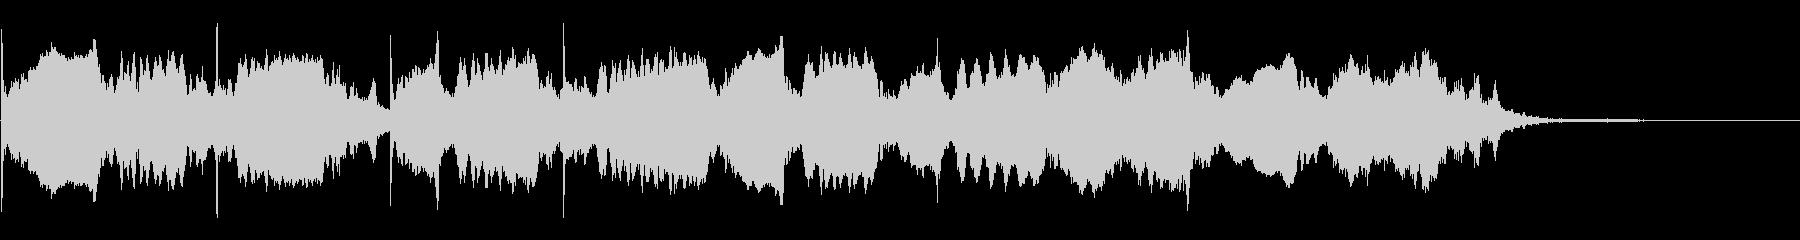 サーボ;フォークリフト、上/下回転...の未再生の波形